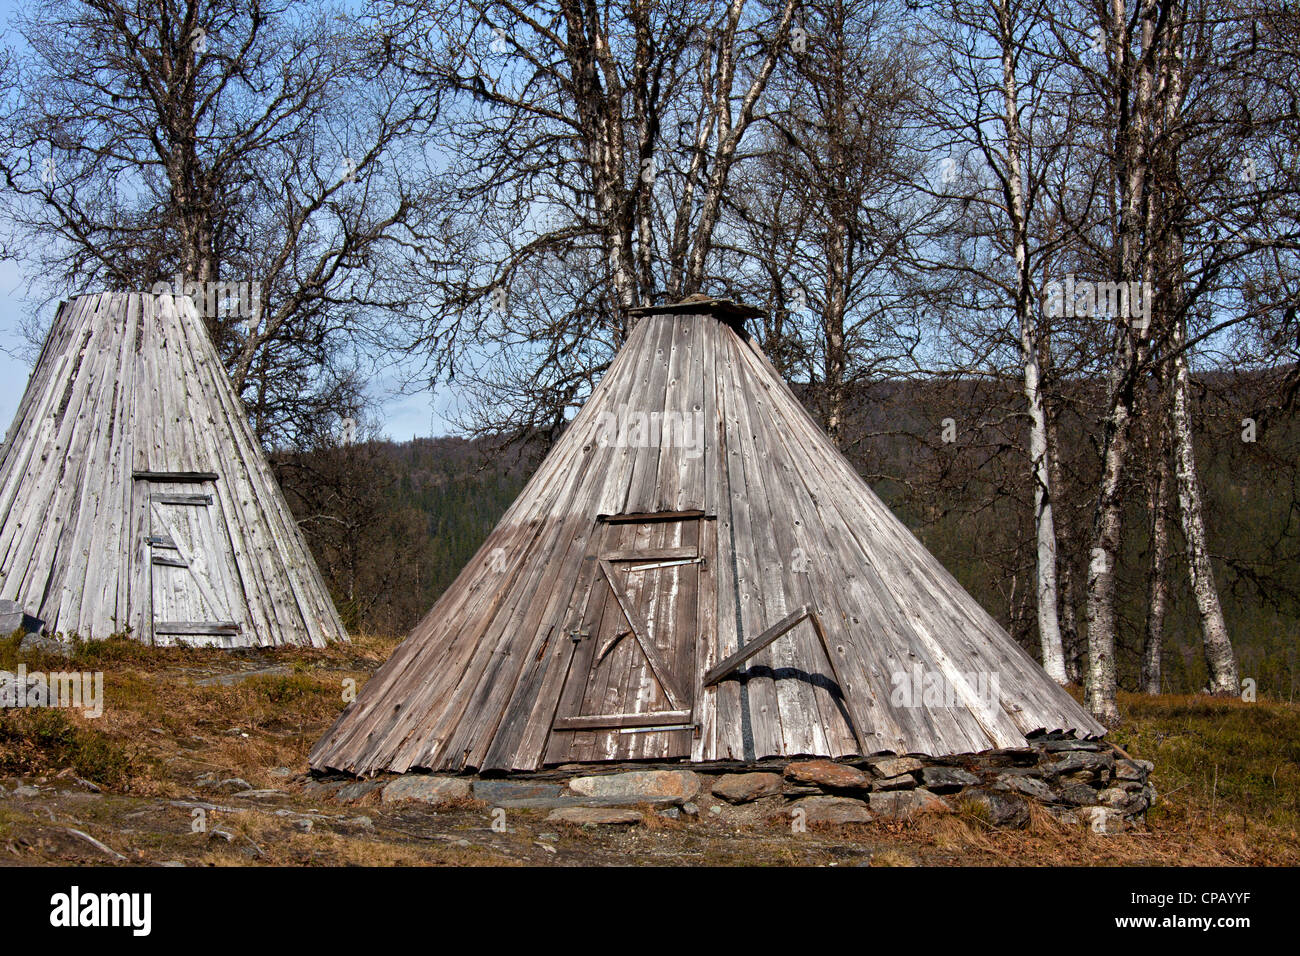 Goahti / kota, Sami tradizionali capanne in legno sulla tundra, Lapponia, Svezia Immagini Stock